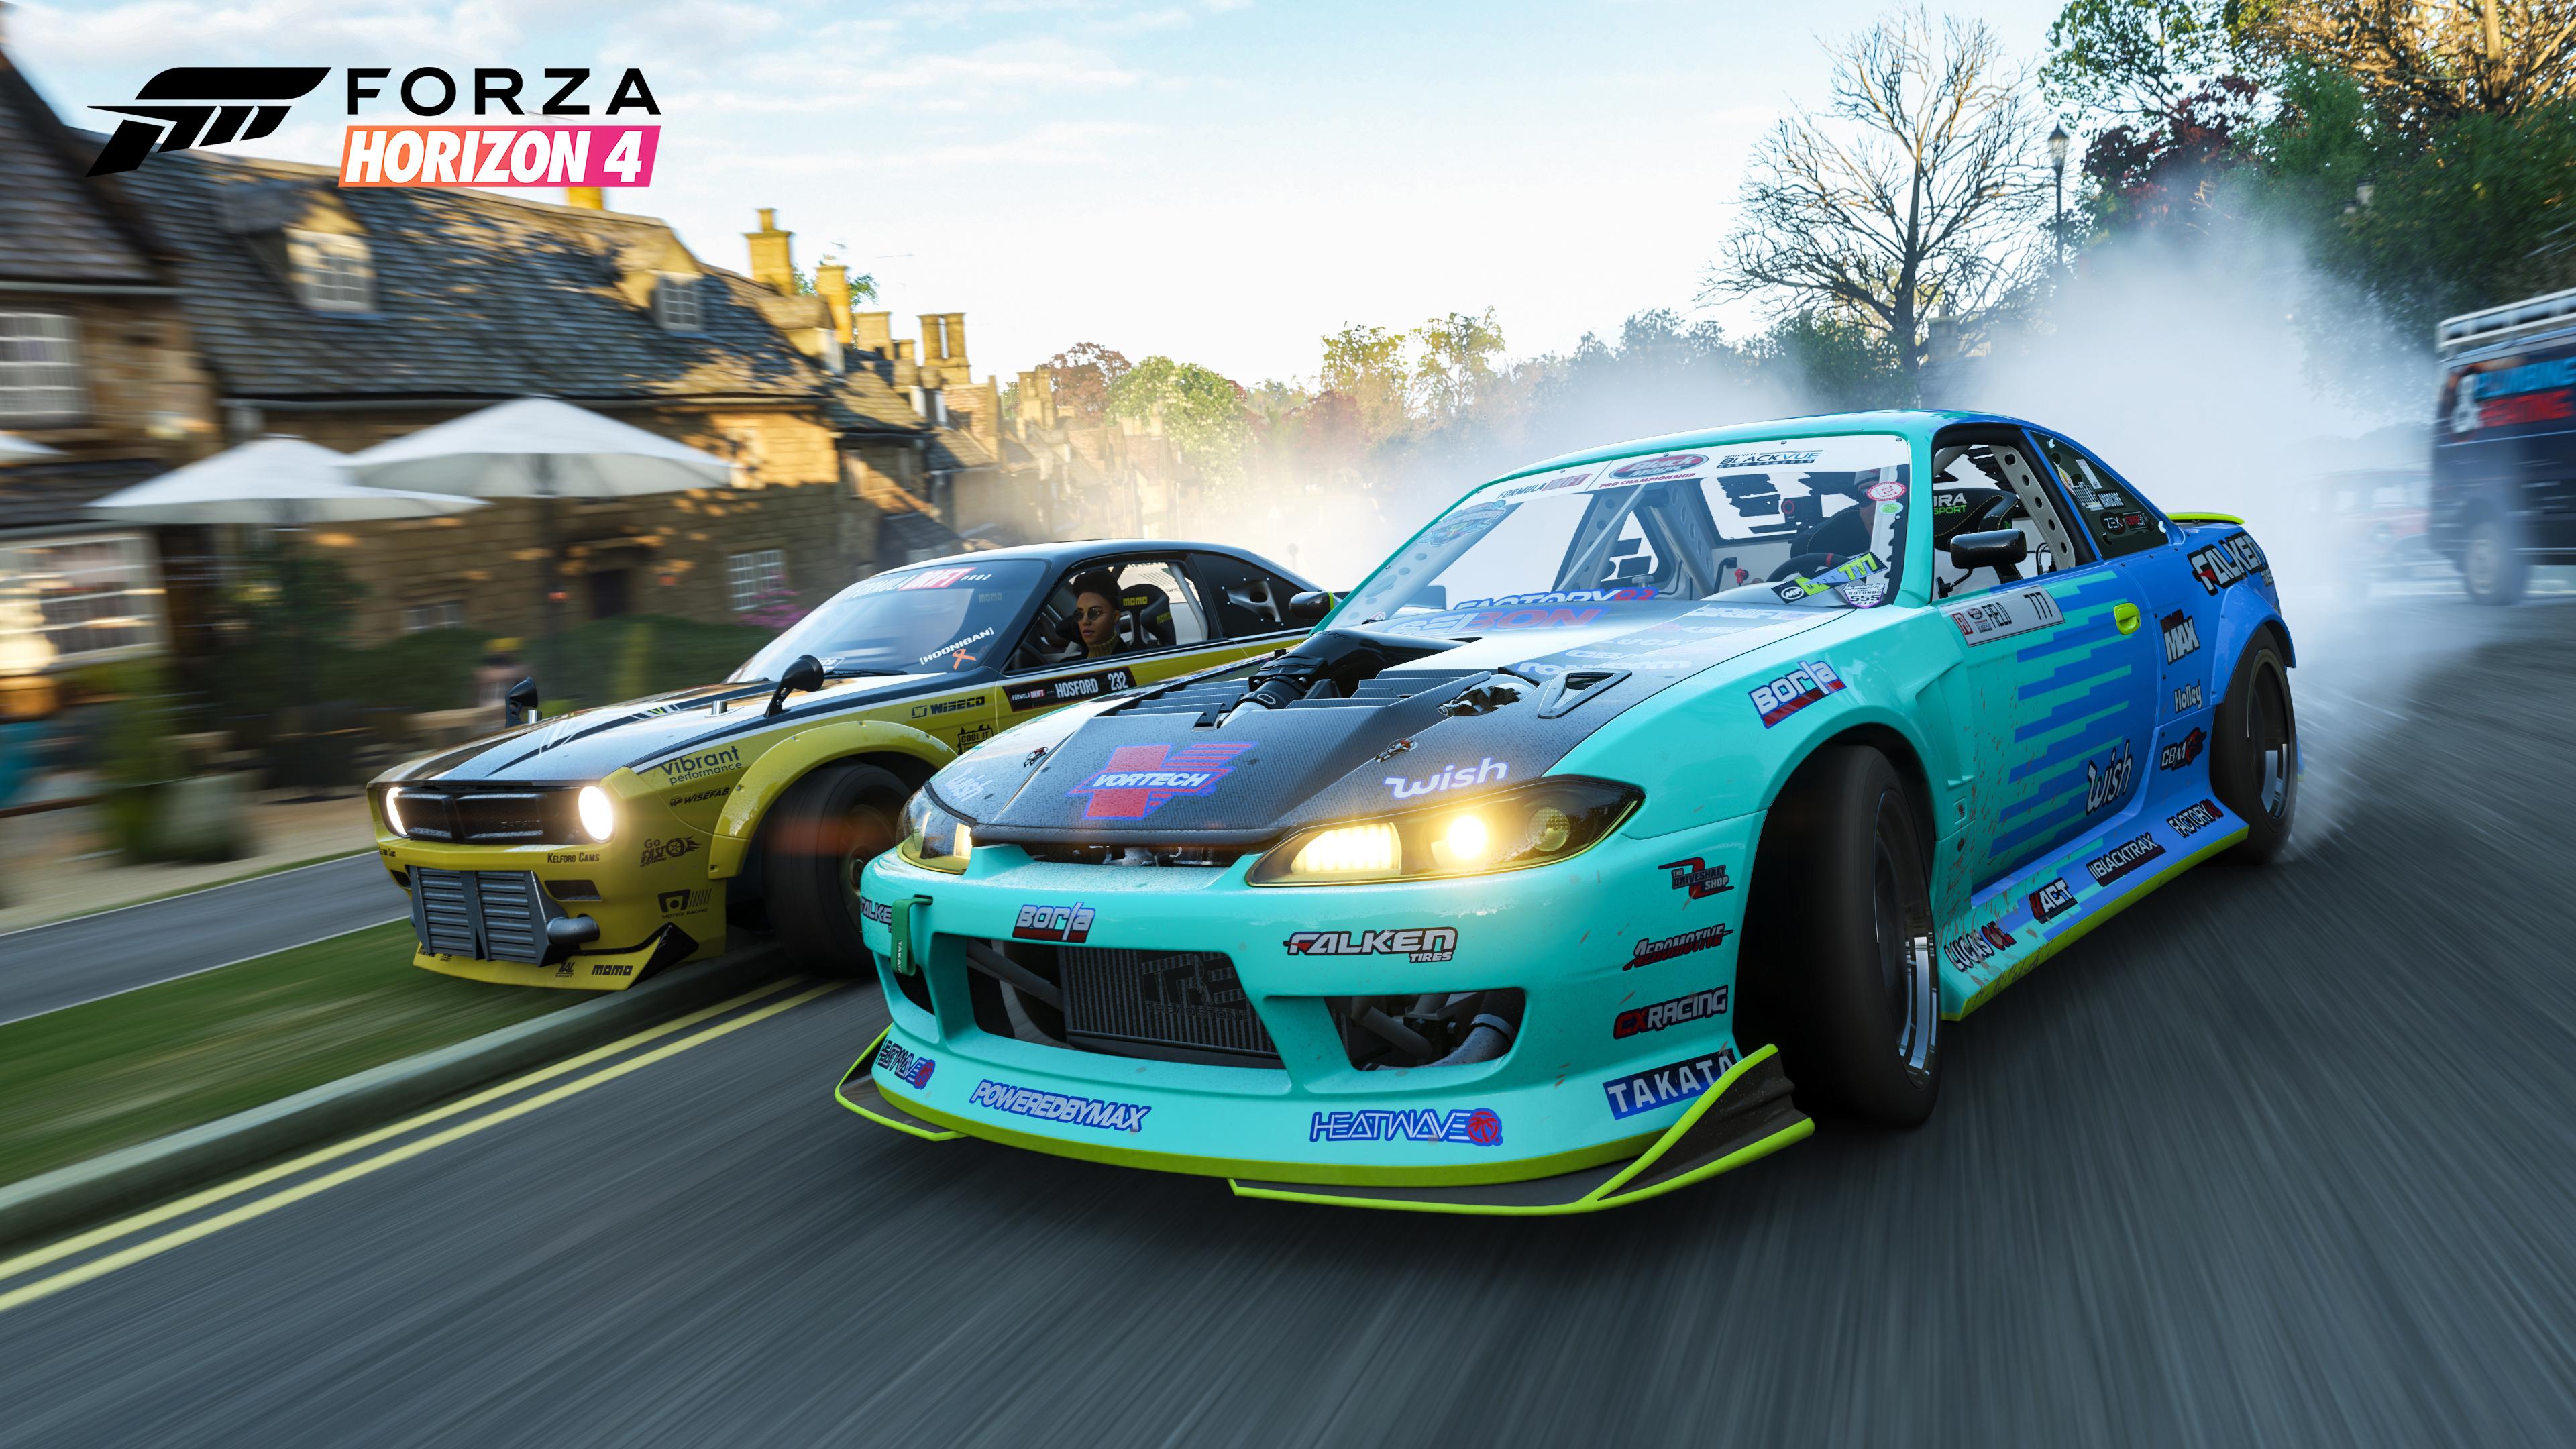 Det er ikke bare fryd og gammen i Forza Horizon 4, men irritasjonsmomentene er ikke altfor store.